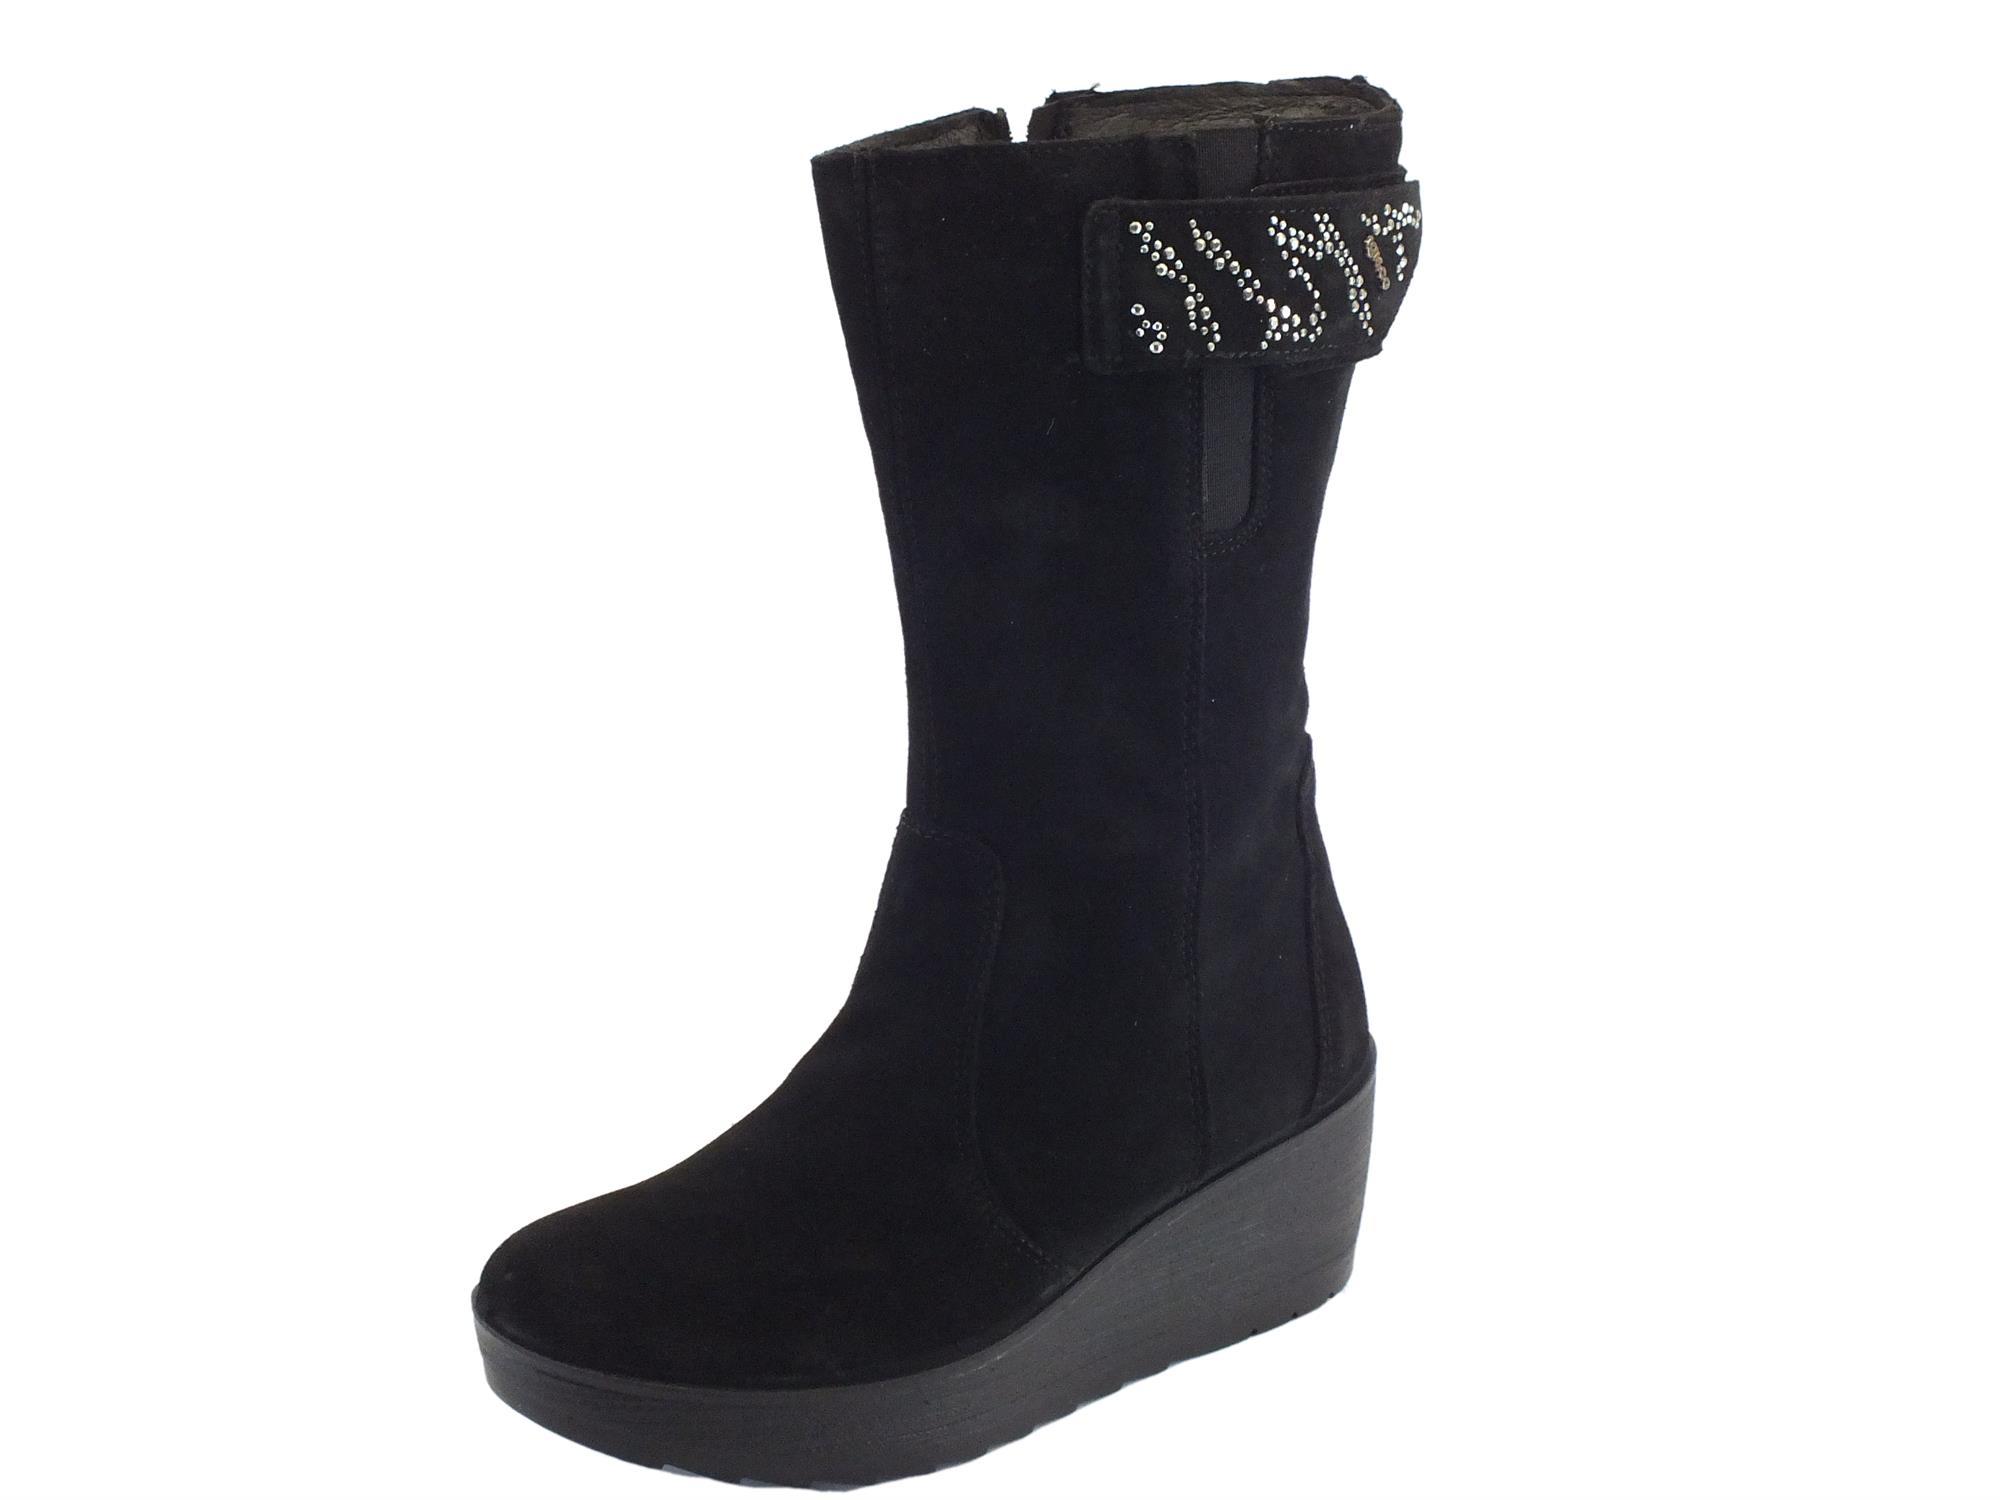 detailed look c3549 19dea Stivali Igi&Co per donna in camoscio nero con zeppa alta